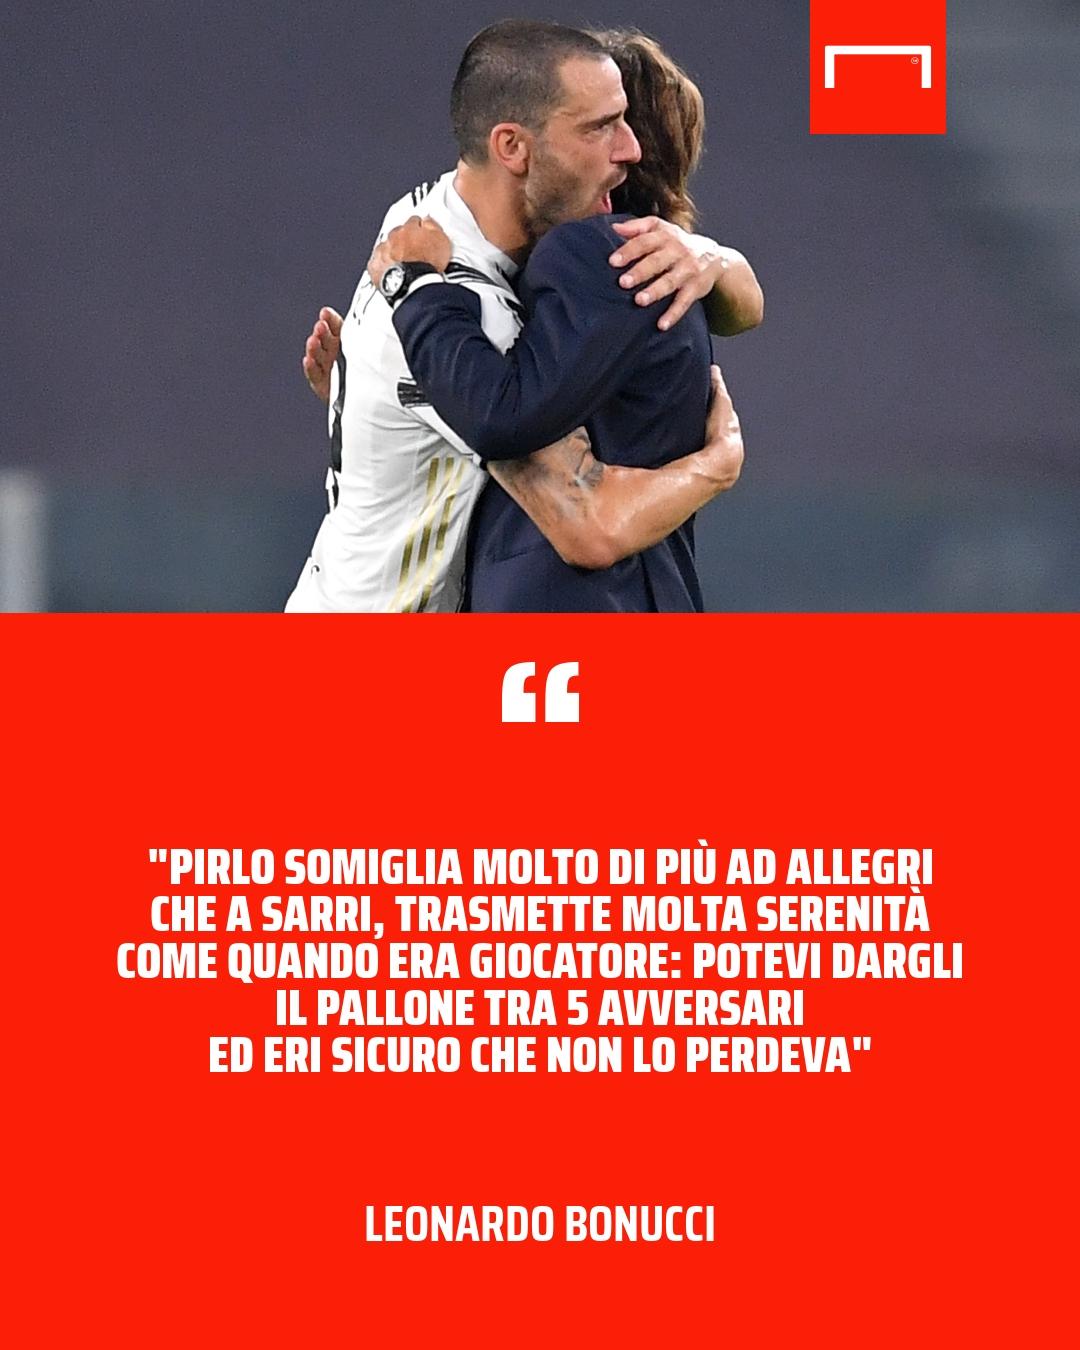 PS Bonucci-Pirlo